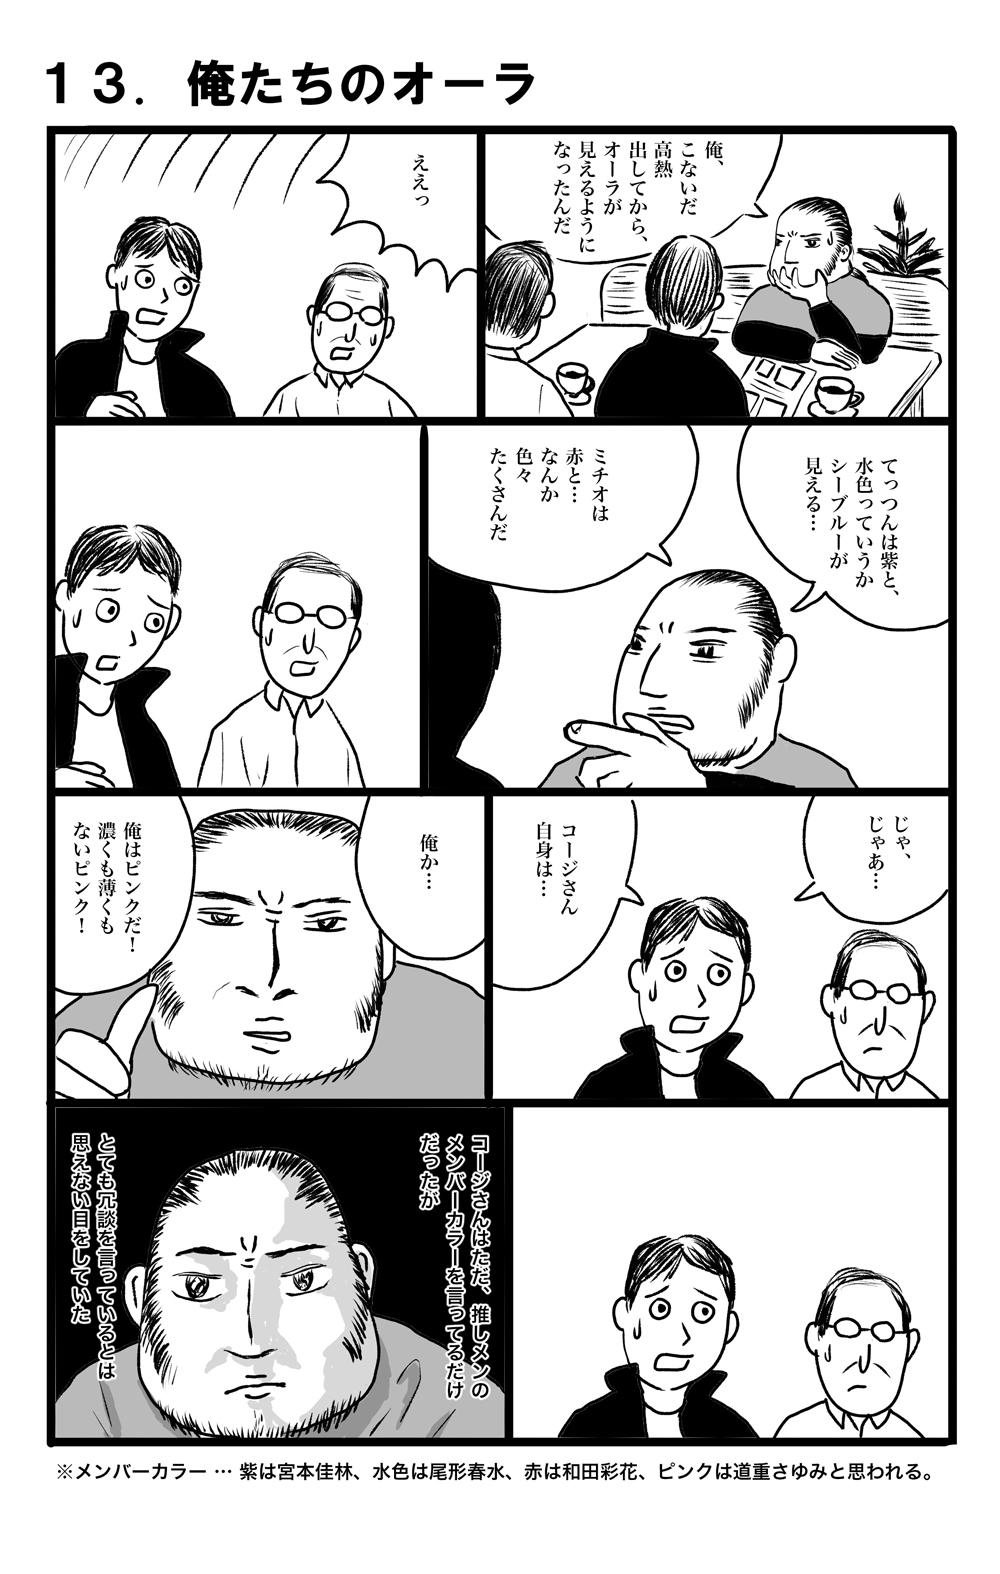 tsurugi-mikito-013